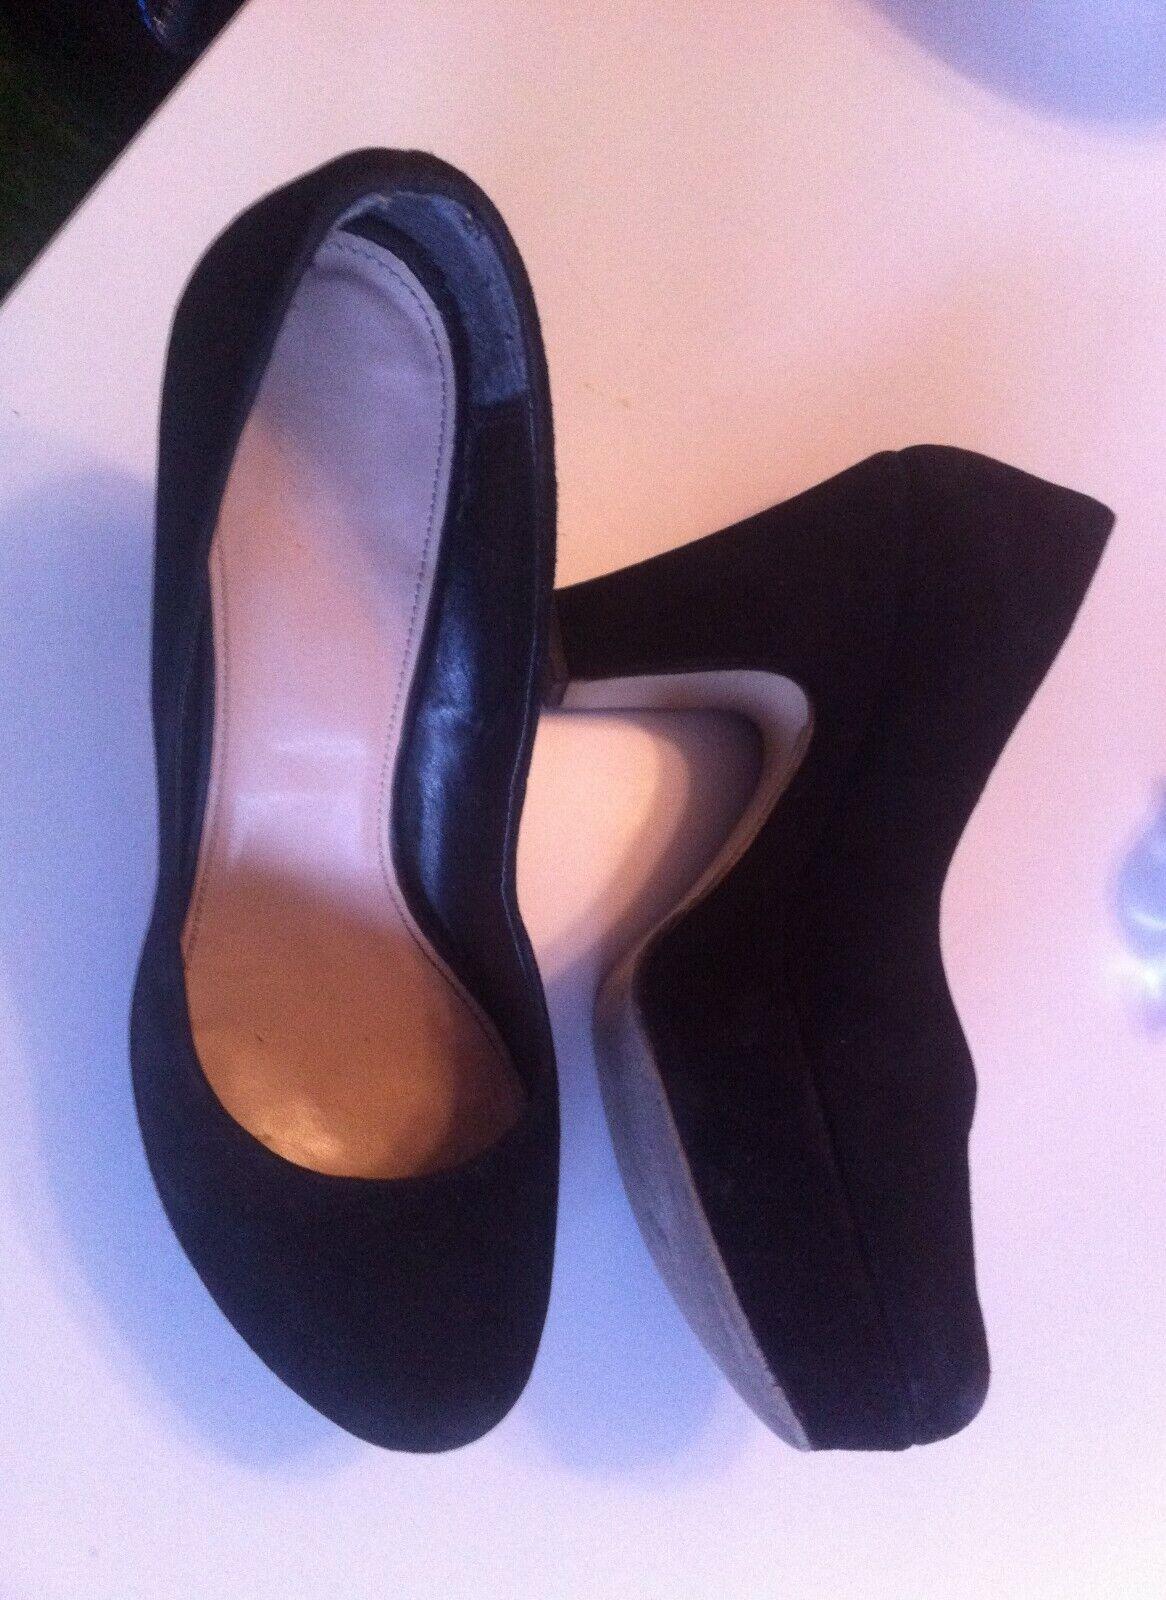 Kurt Geiger Pumps Plateau velour Leder schwarz 40 chunky klassiche klassiche klassiche high heels d80cf5